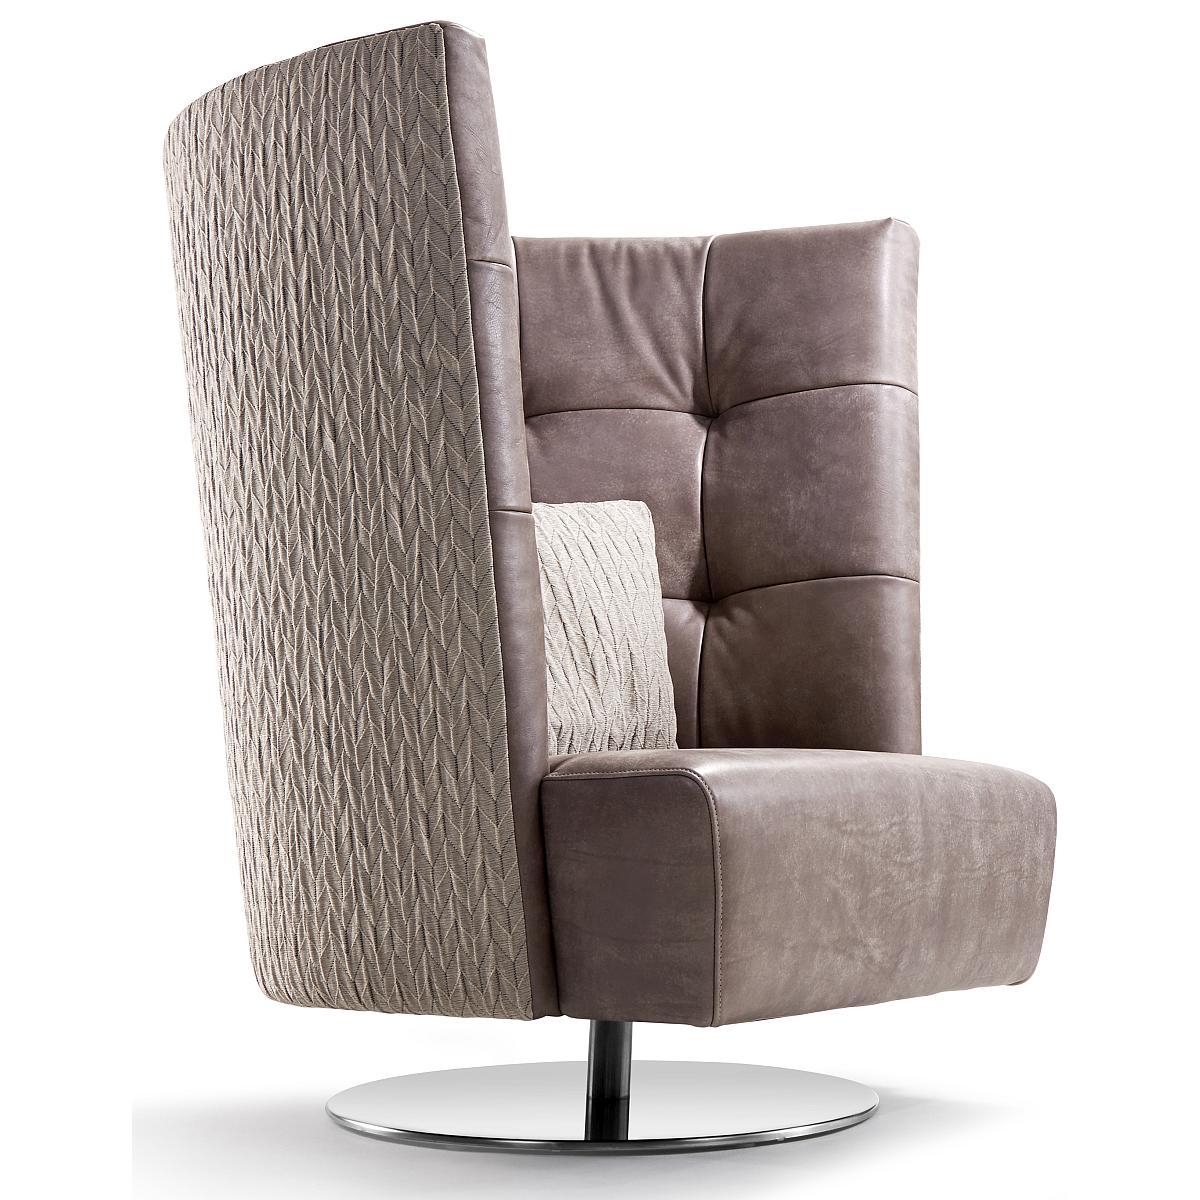 MATHEO Sessel hoch, Rückseite ORIGAMI, Innenschale und Sitz in Leder NAMIBIA